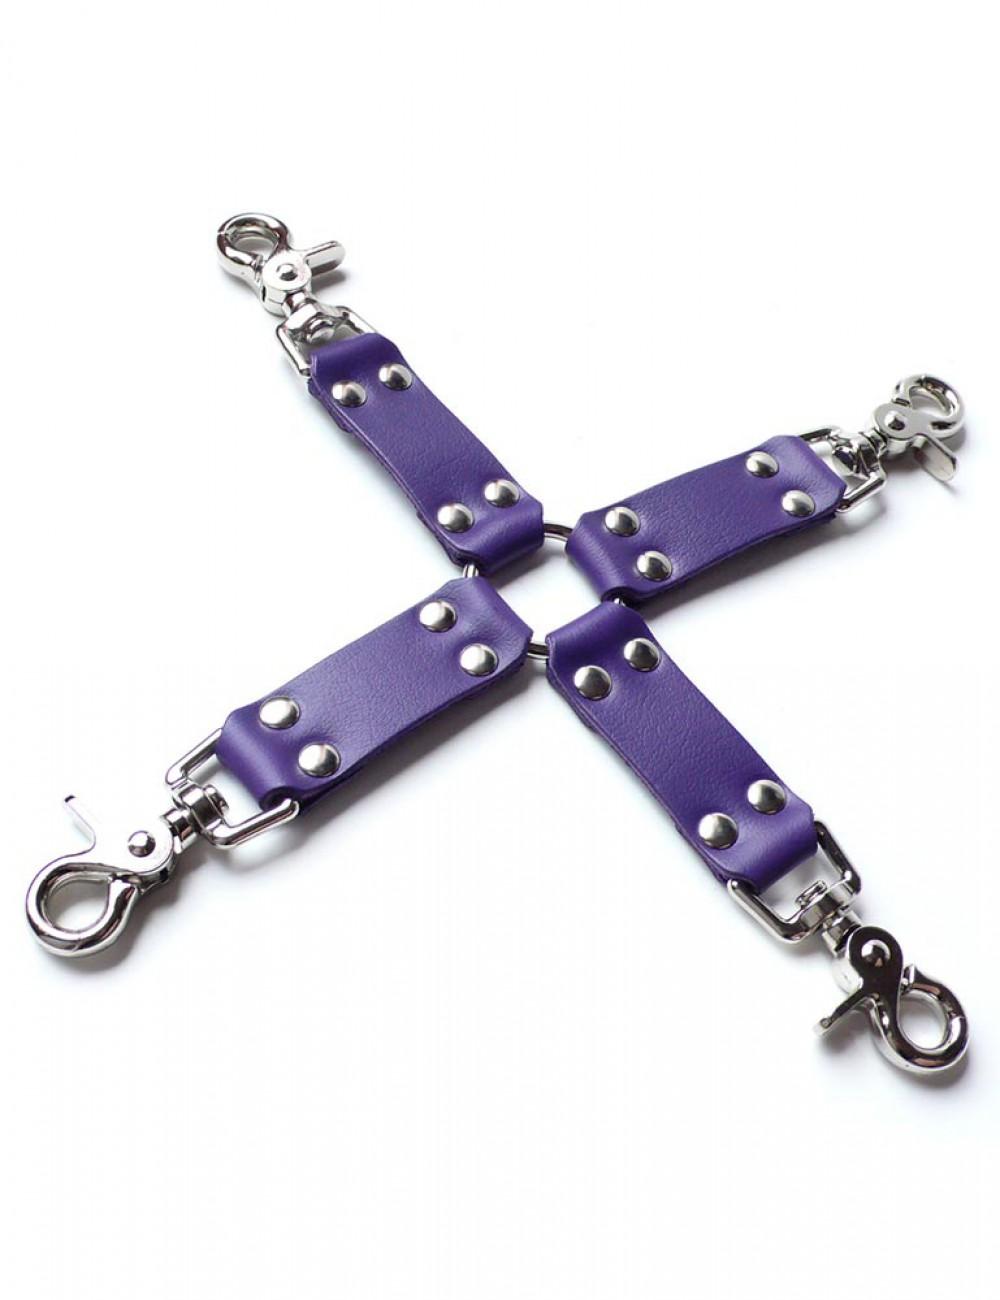 Purple Leather Hog Tie